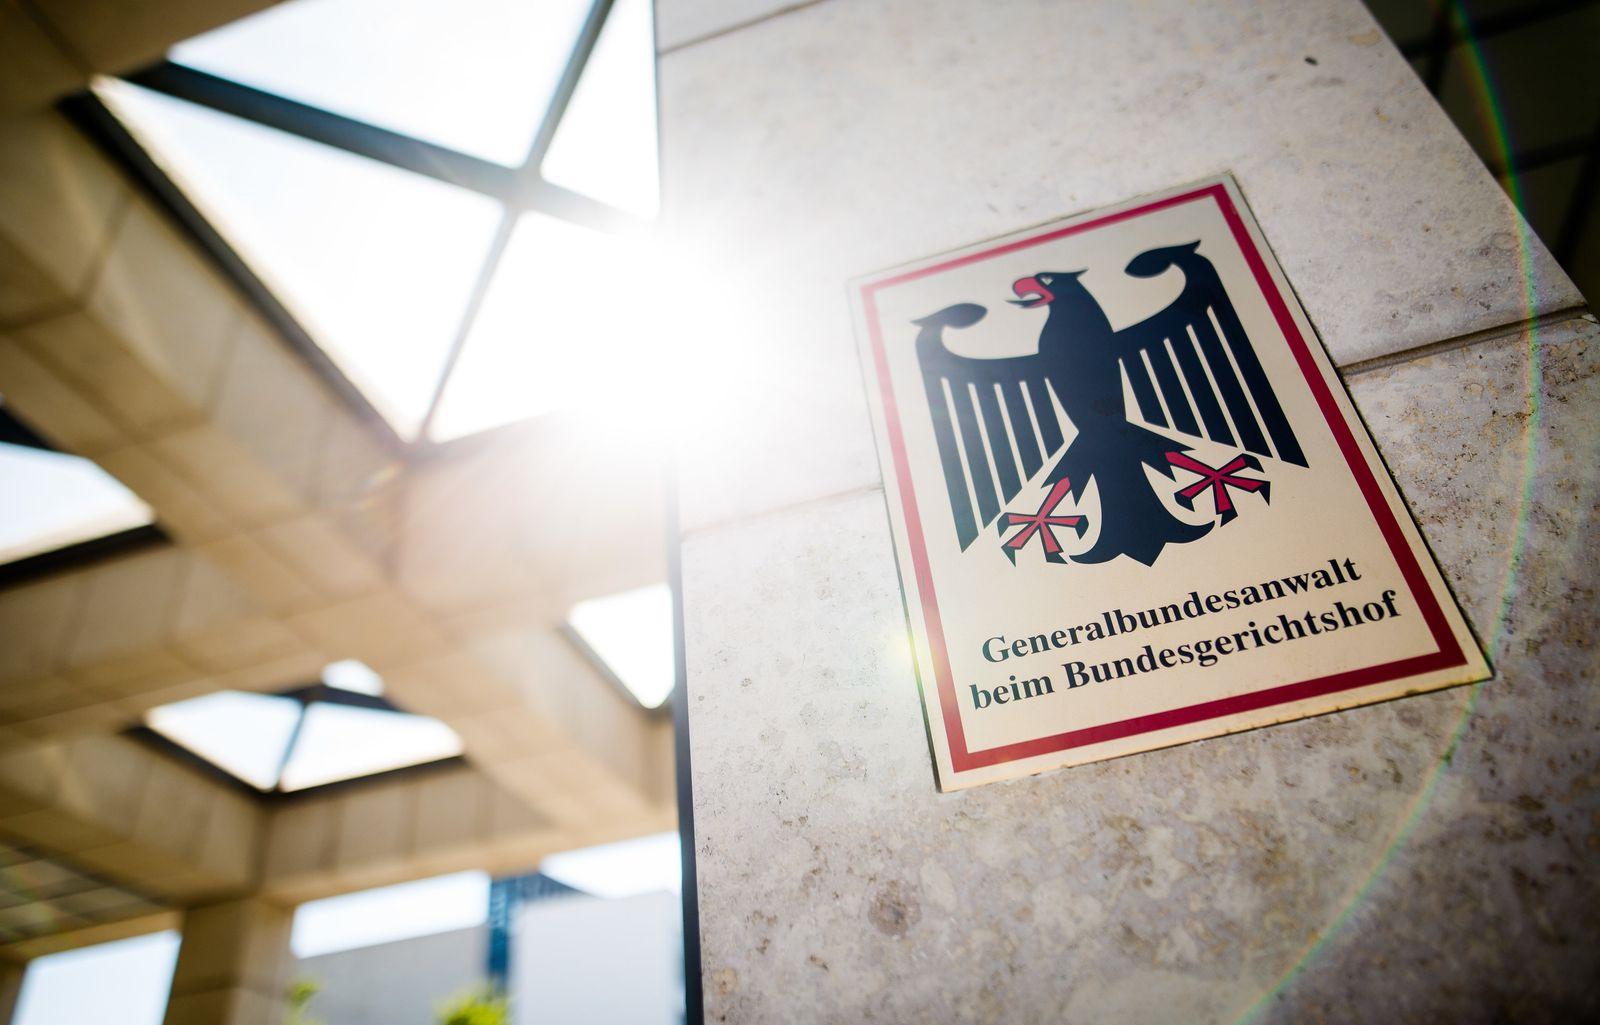 Rechtsextremistin aus Franken soll Brandanschlag geplant haben